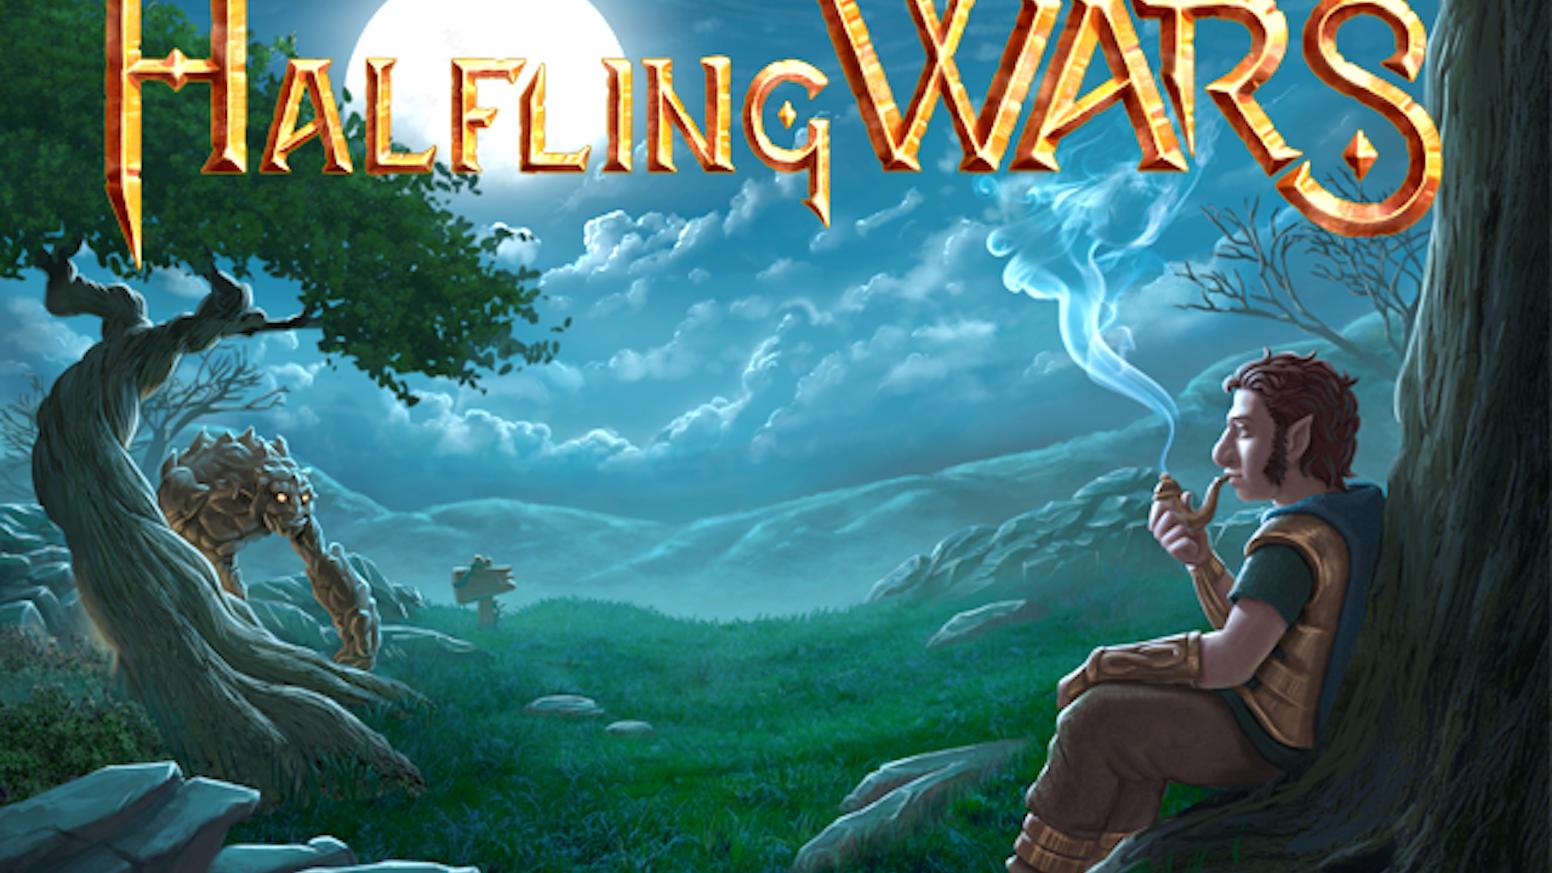 Halfling Wars - Mobile RPG/Simulation Game by ChondroStrike » FAQ